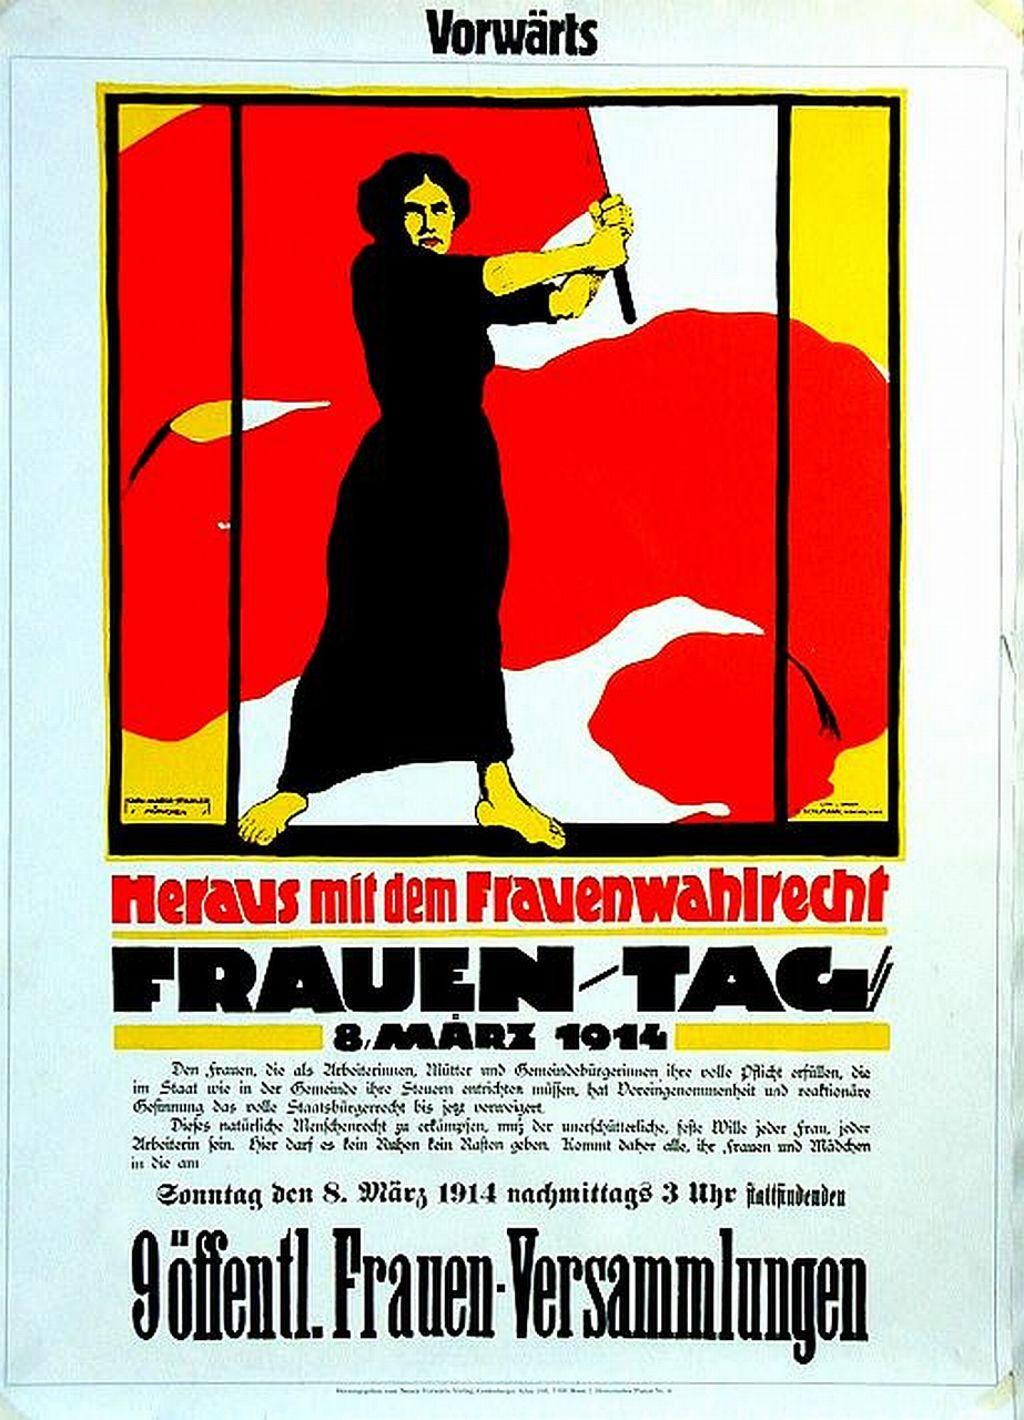 Das bekannteste Werbeplakat für den internationalen Frauentag